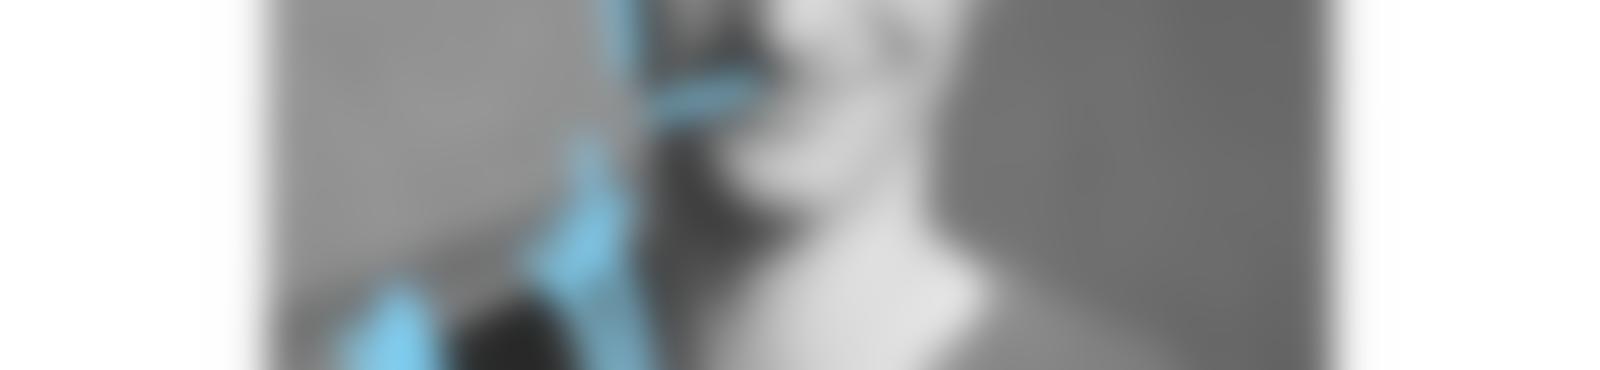 Blurred dd5d81ff 34d5 473b 83a7 233afd3c9fde